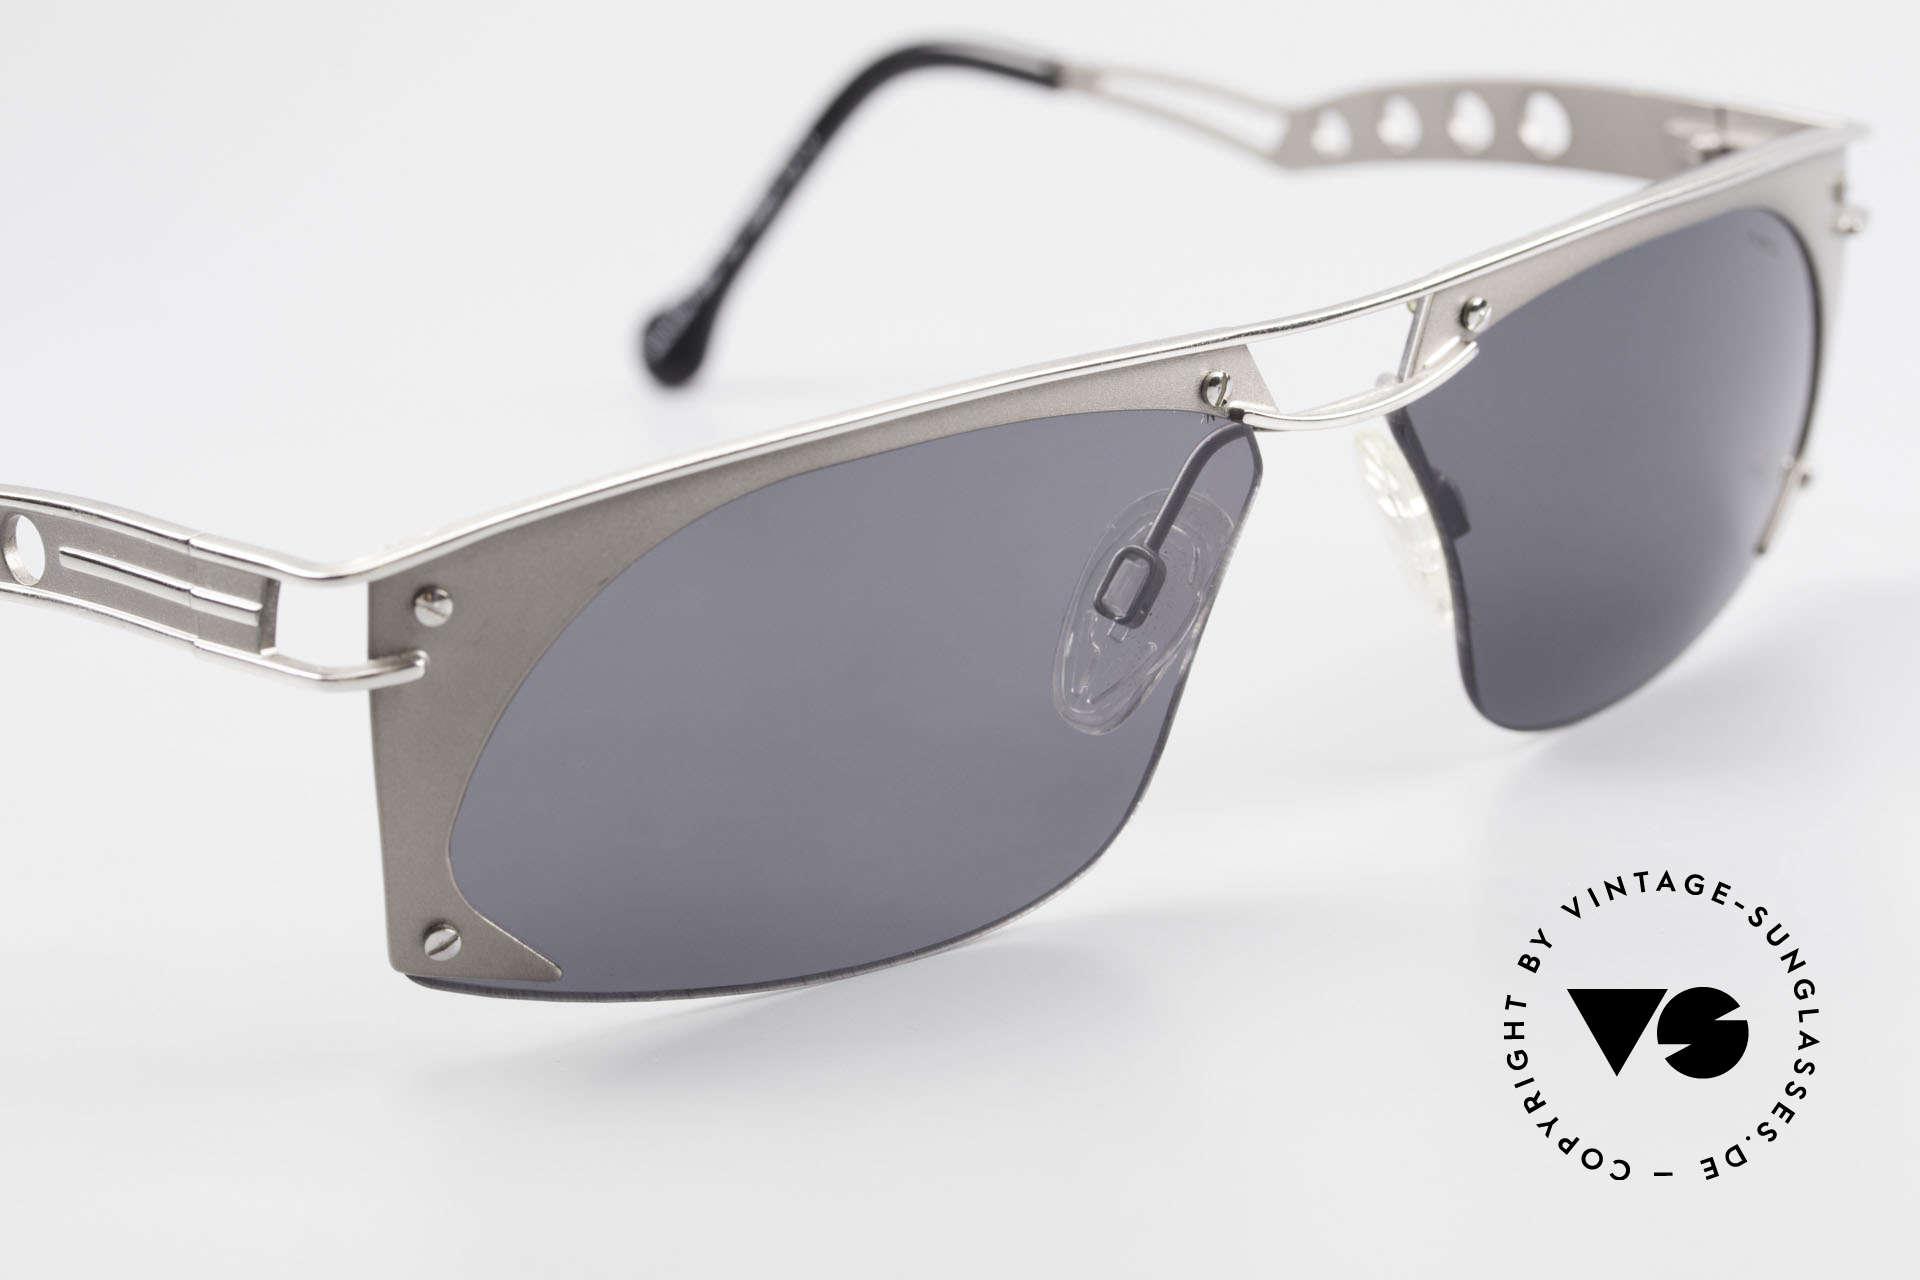 Neostyle Holiday 968 Steampunk Sonnenbrille 90er, KEINE Retrobrille, sondern ein ORIGINAL mit Etui, Passend für Herren